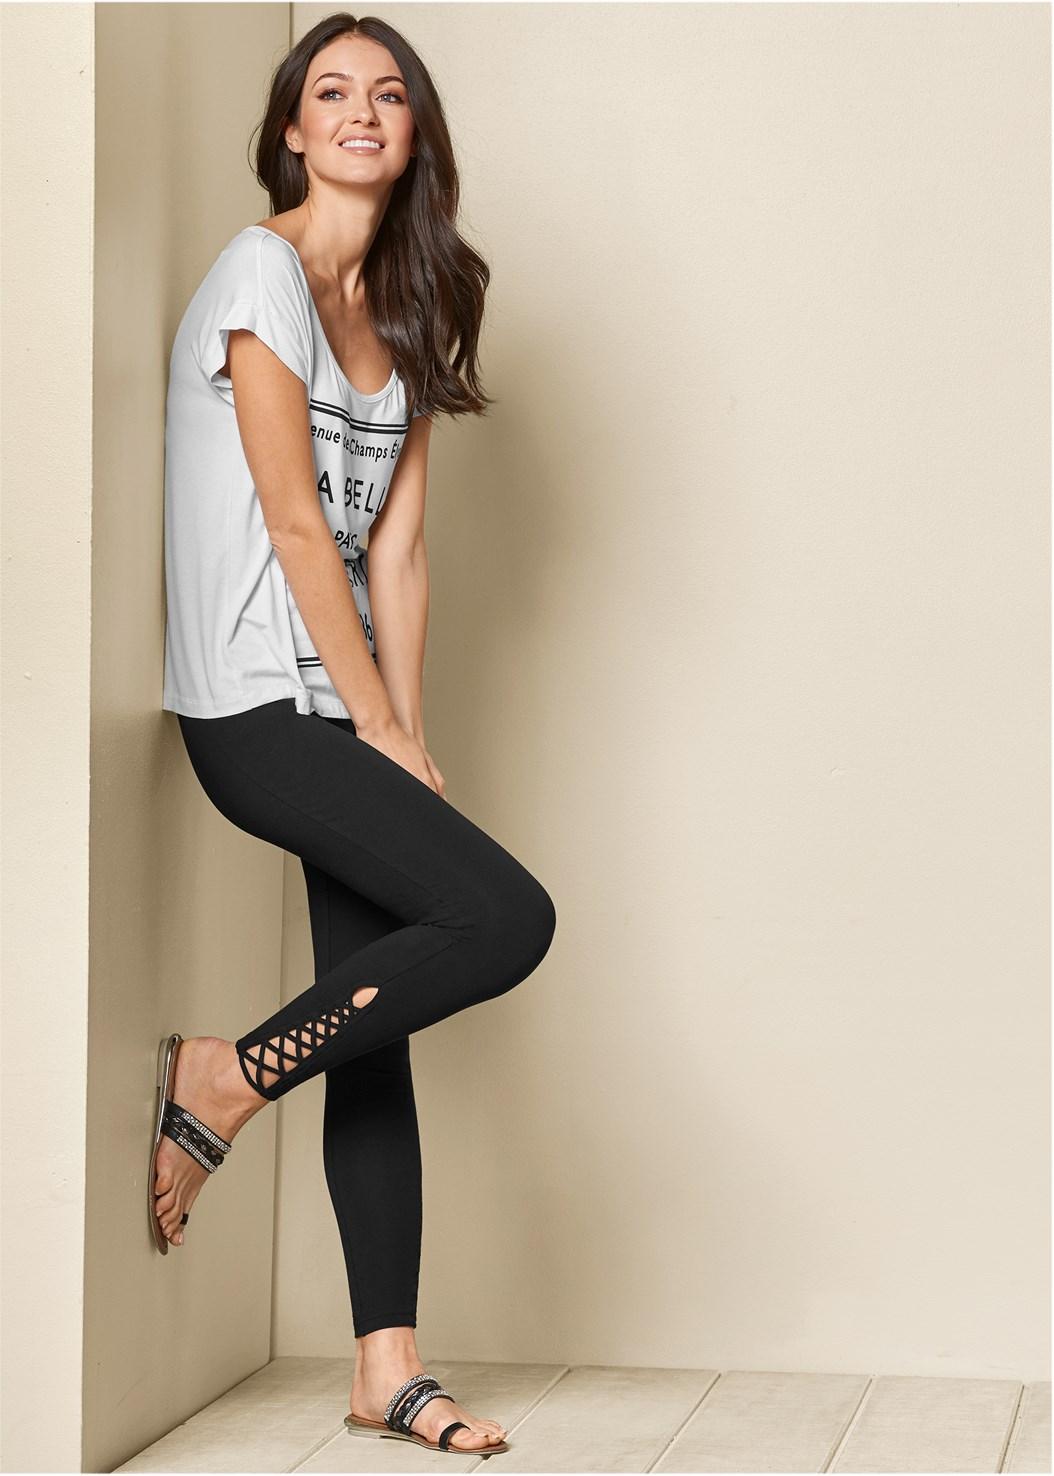 Ankle Detail Leggings,Love Print Top